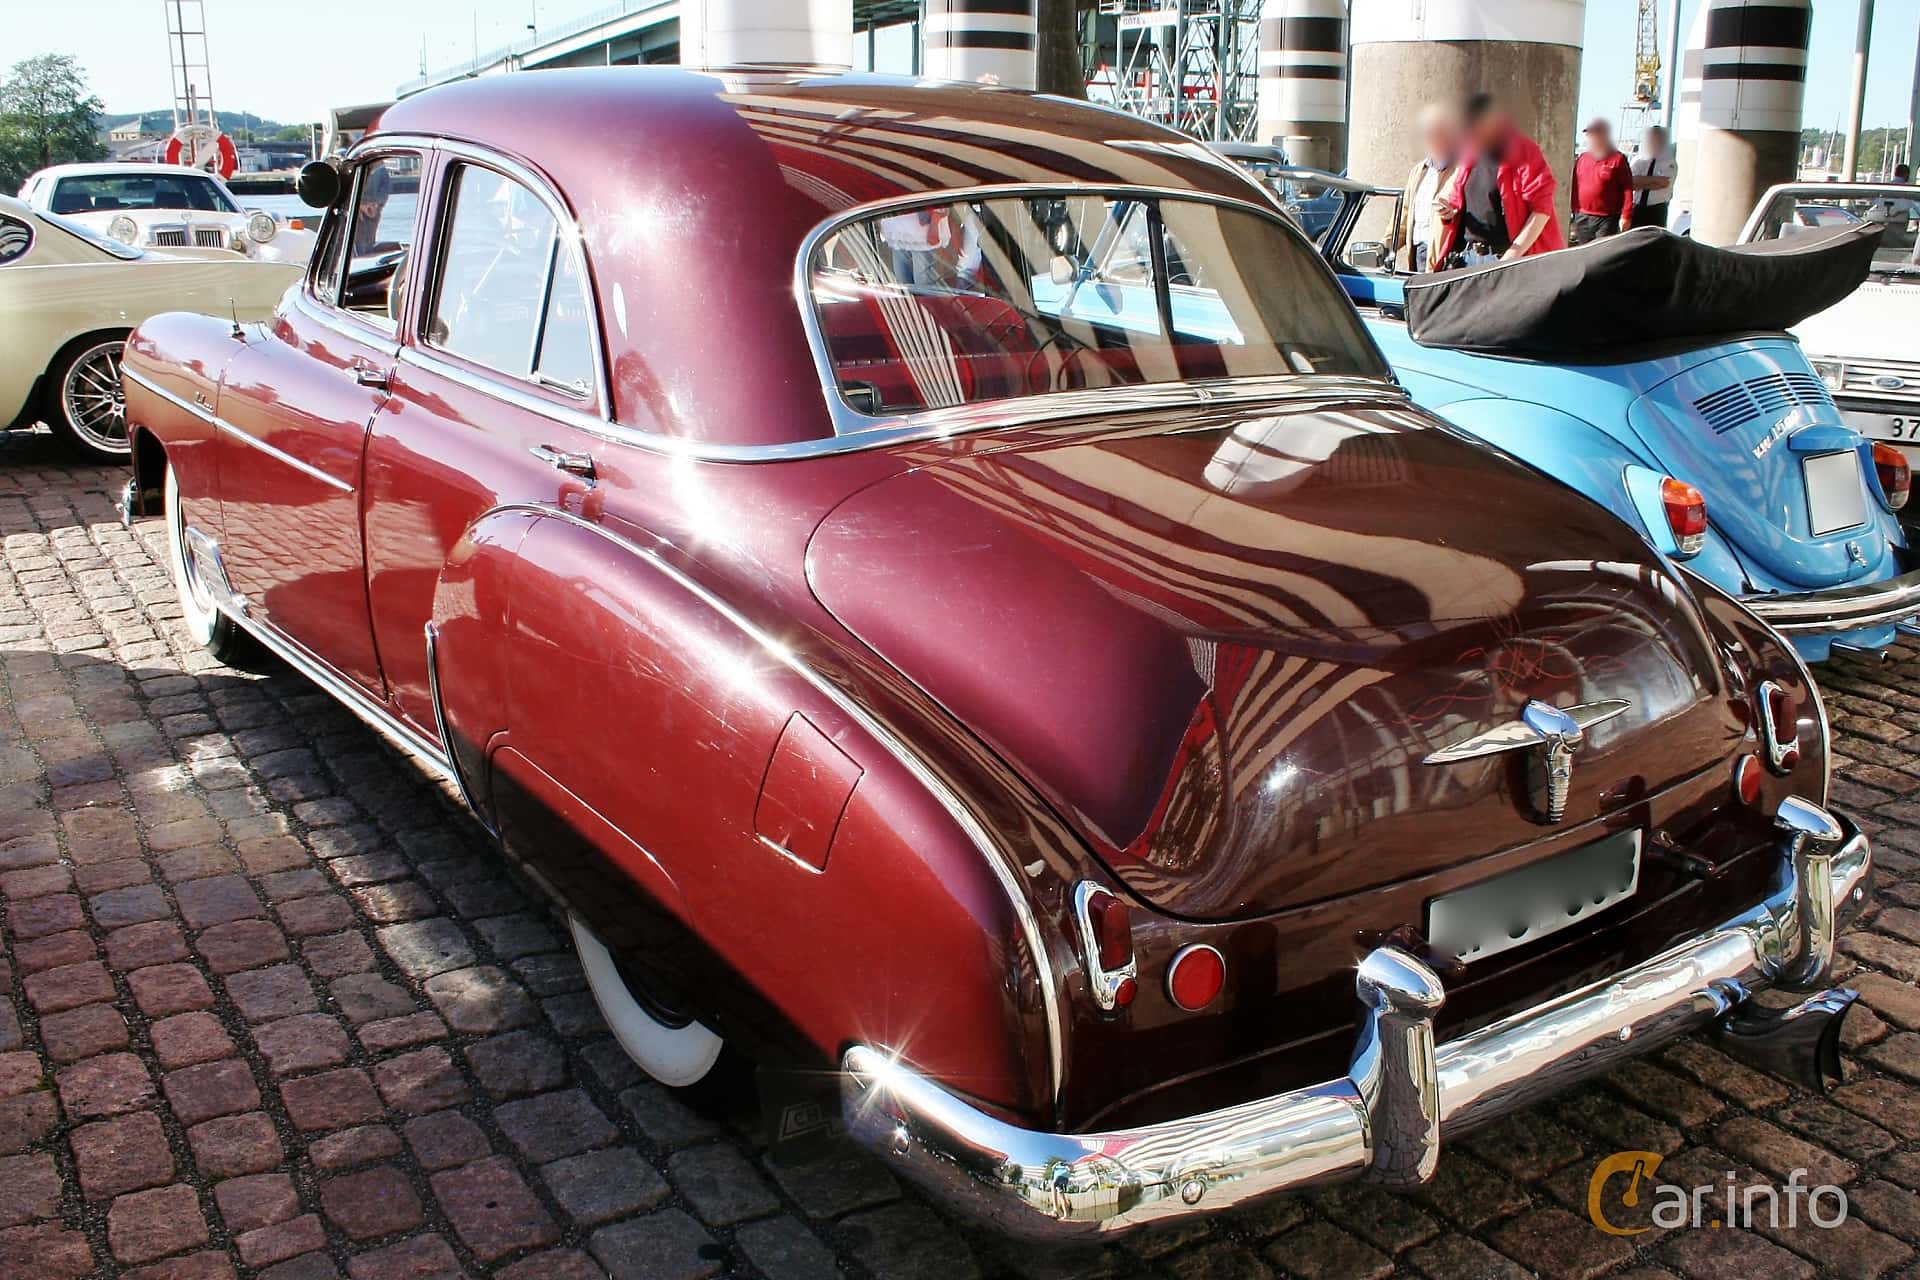 Chevrolet Styleline Deluxe 4-door Sedan 3.5 Manual, 93hp, 1950